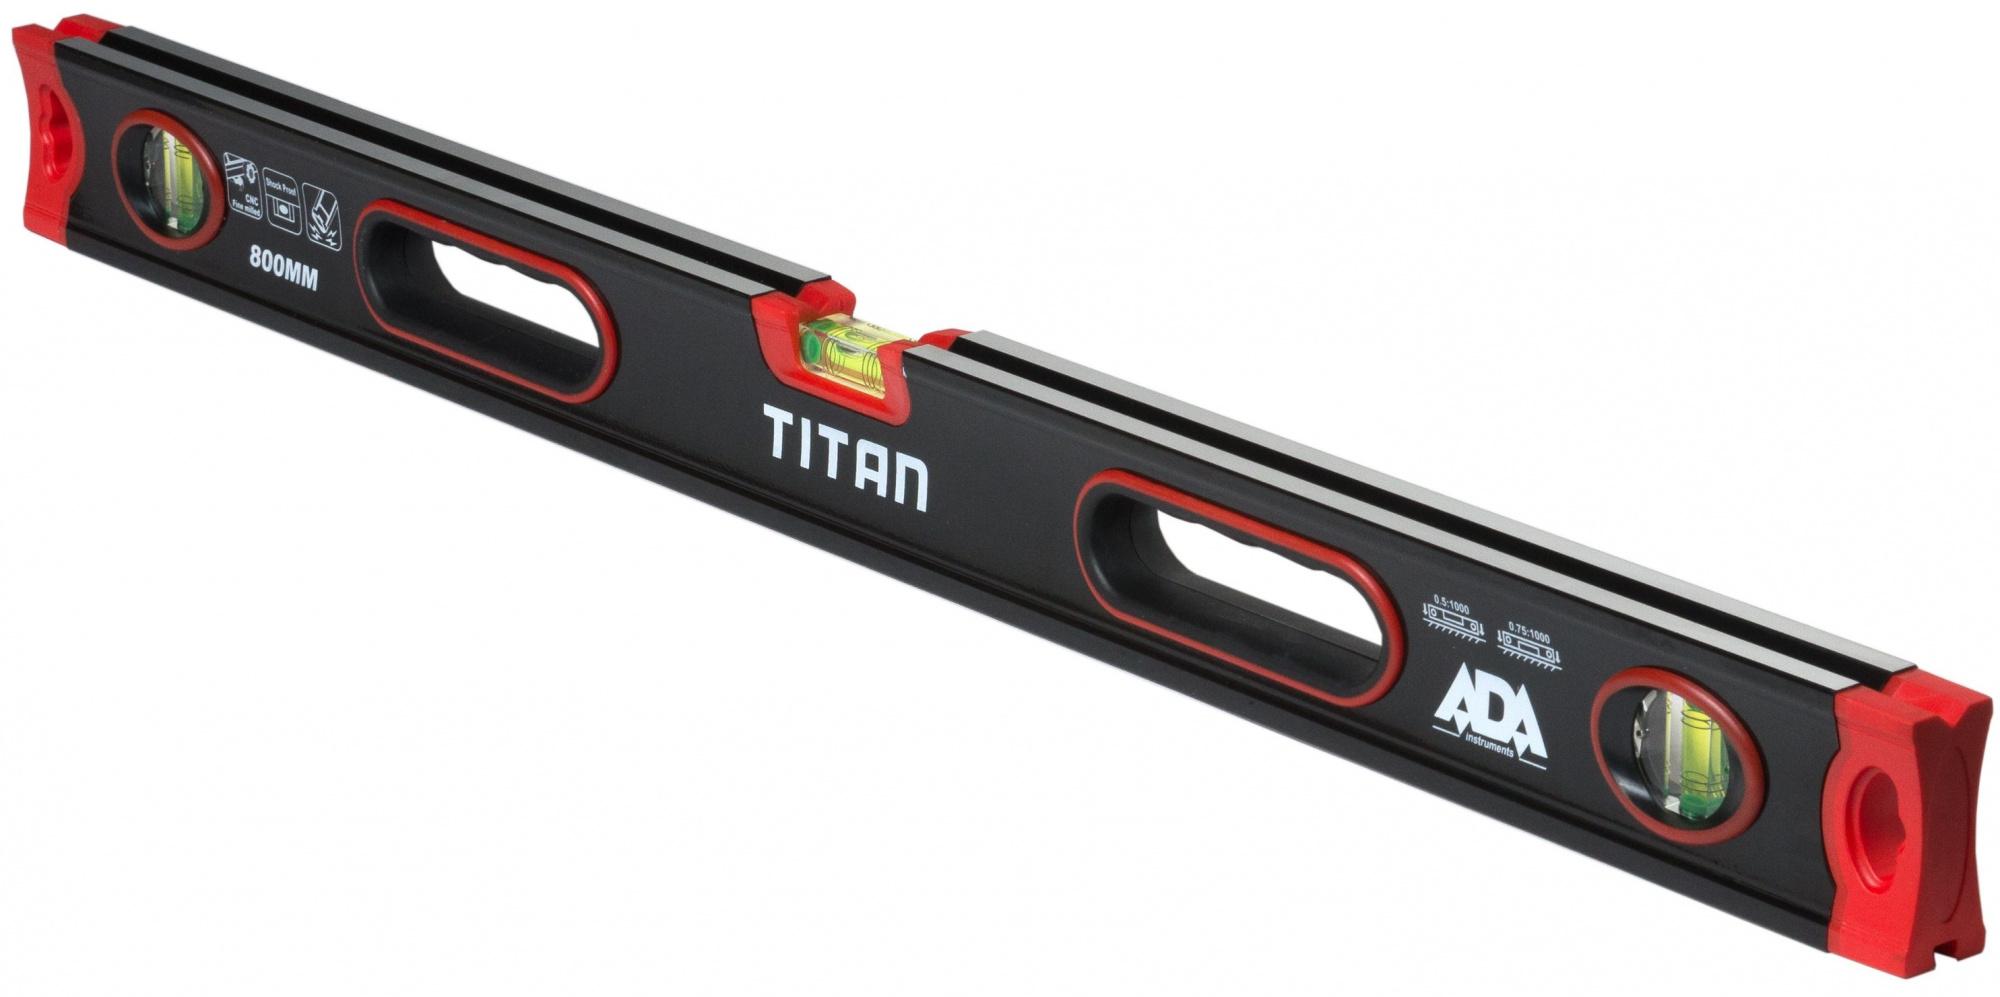 Подробнее о Titan ada instruments titan 800